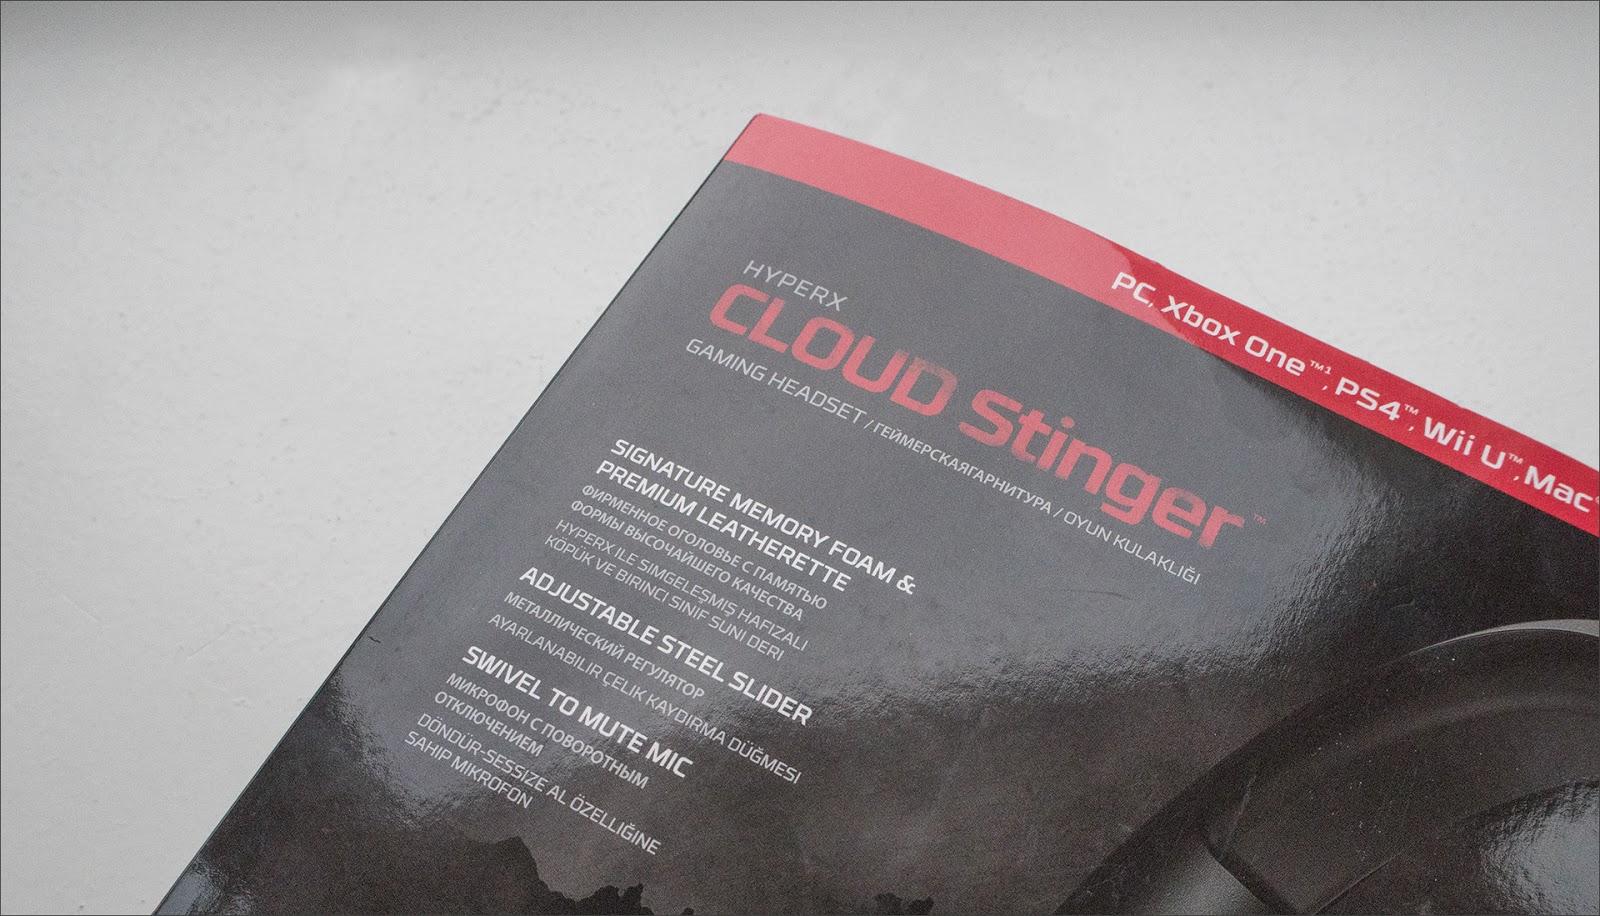 Гарнитура HyperX Cloud Stinger: комфорт и отличная связь за разумные деньги - 1